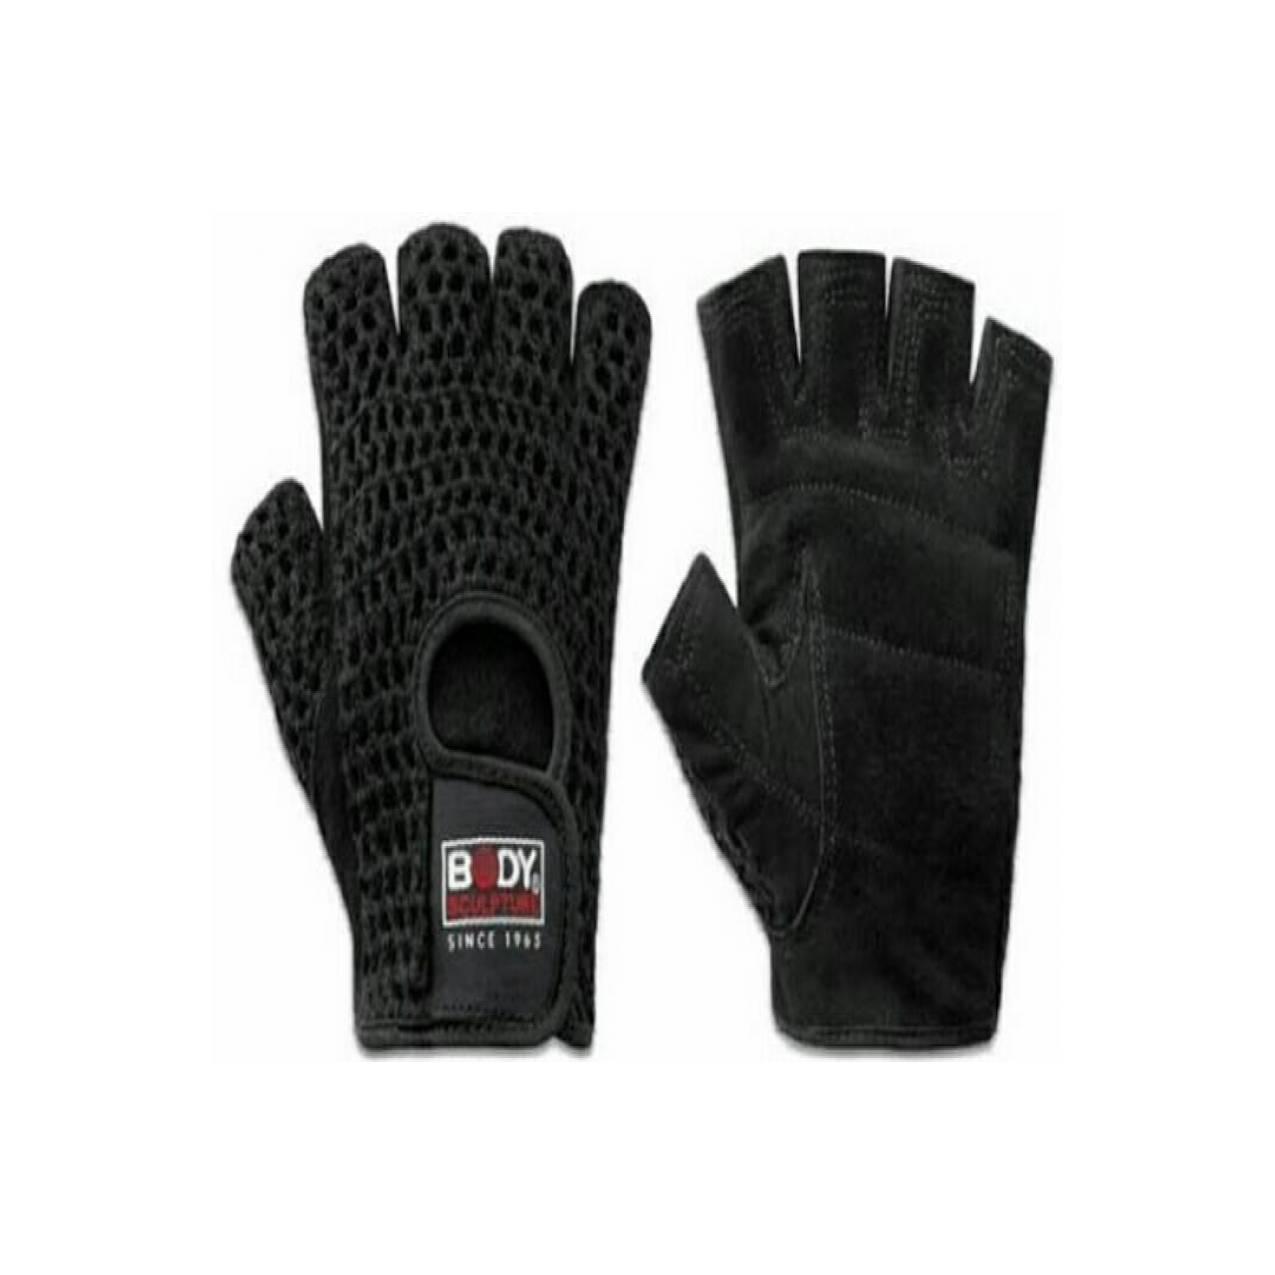 olahraga|fitness|senam|sarung tangan untuk fitness bahan genuine leath